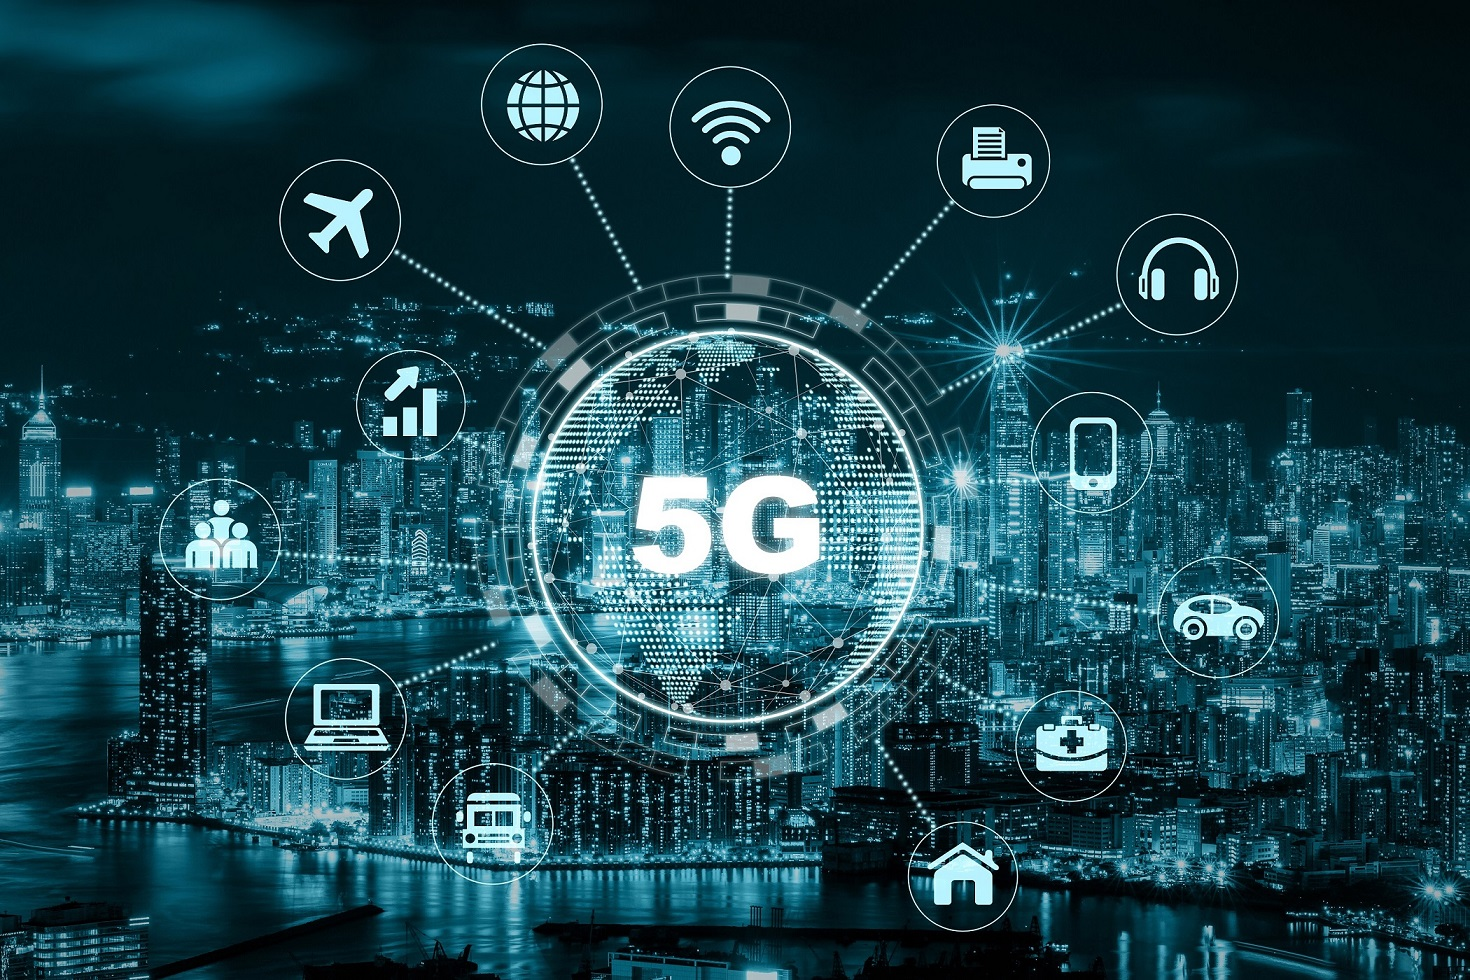 Equinix zwiększa innowacje w zakresie 5G i ekosystemów edge we współpracy z Nokią